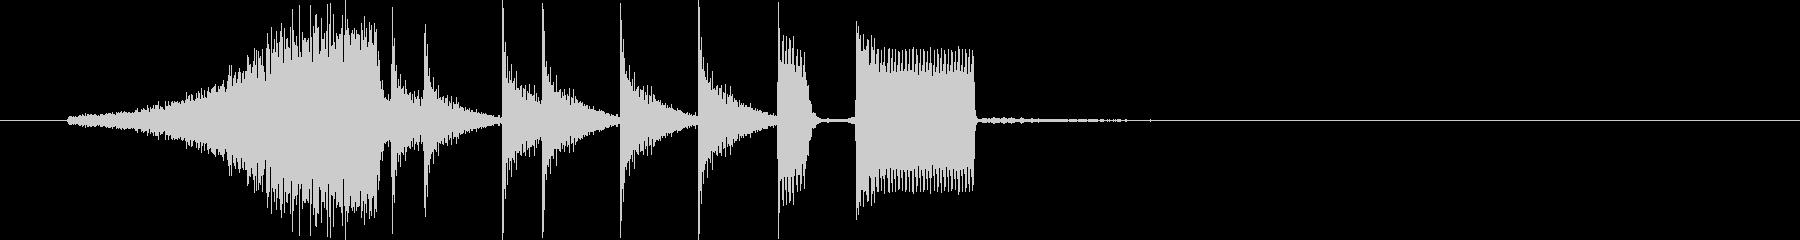 シャーンタカンタタンタンピー(楽しい)の未再生の波形